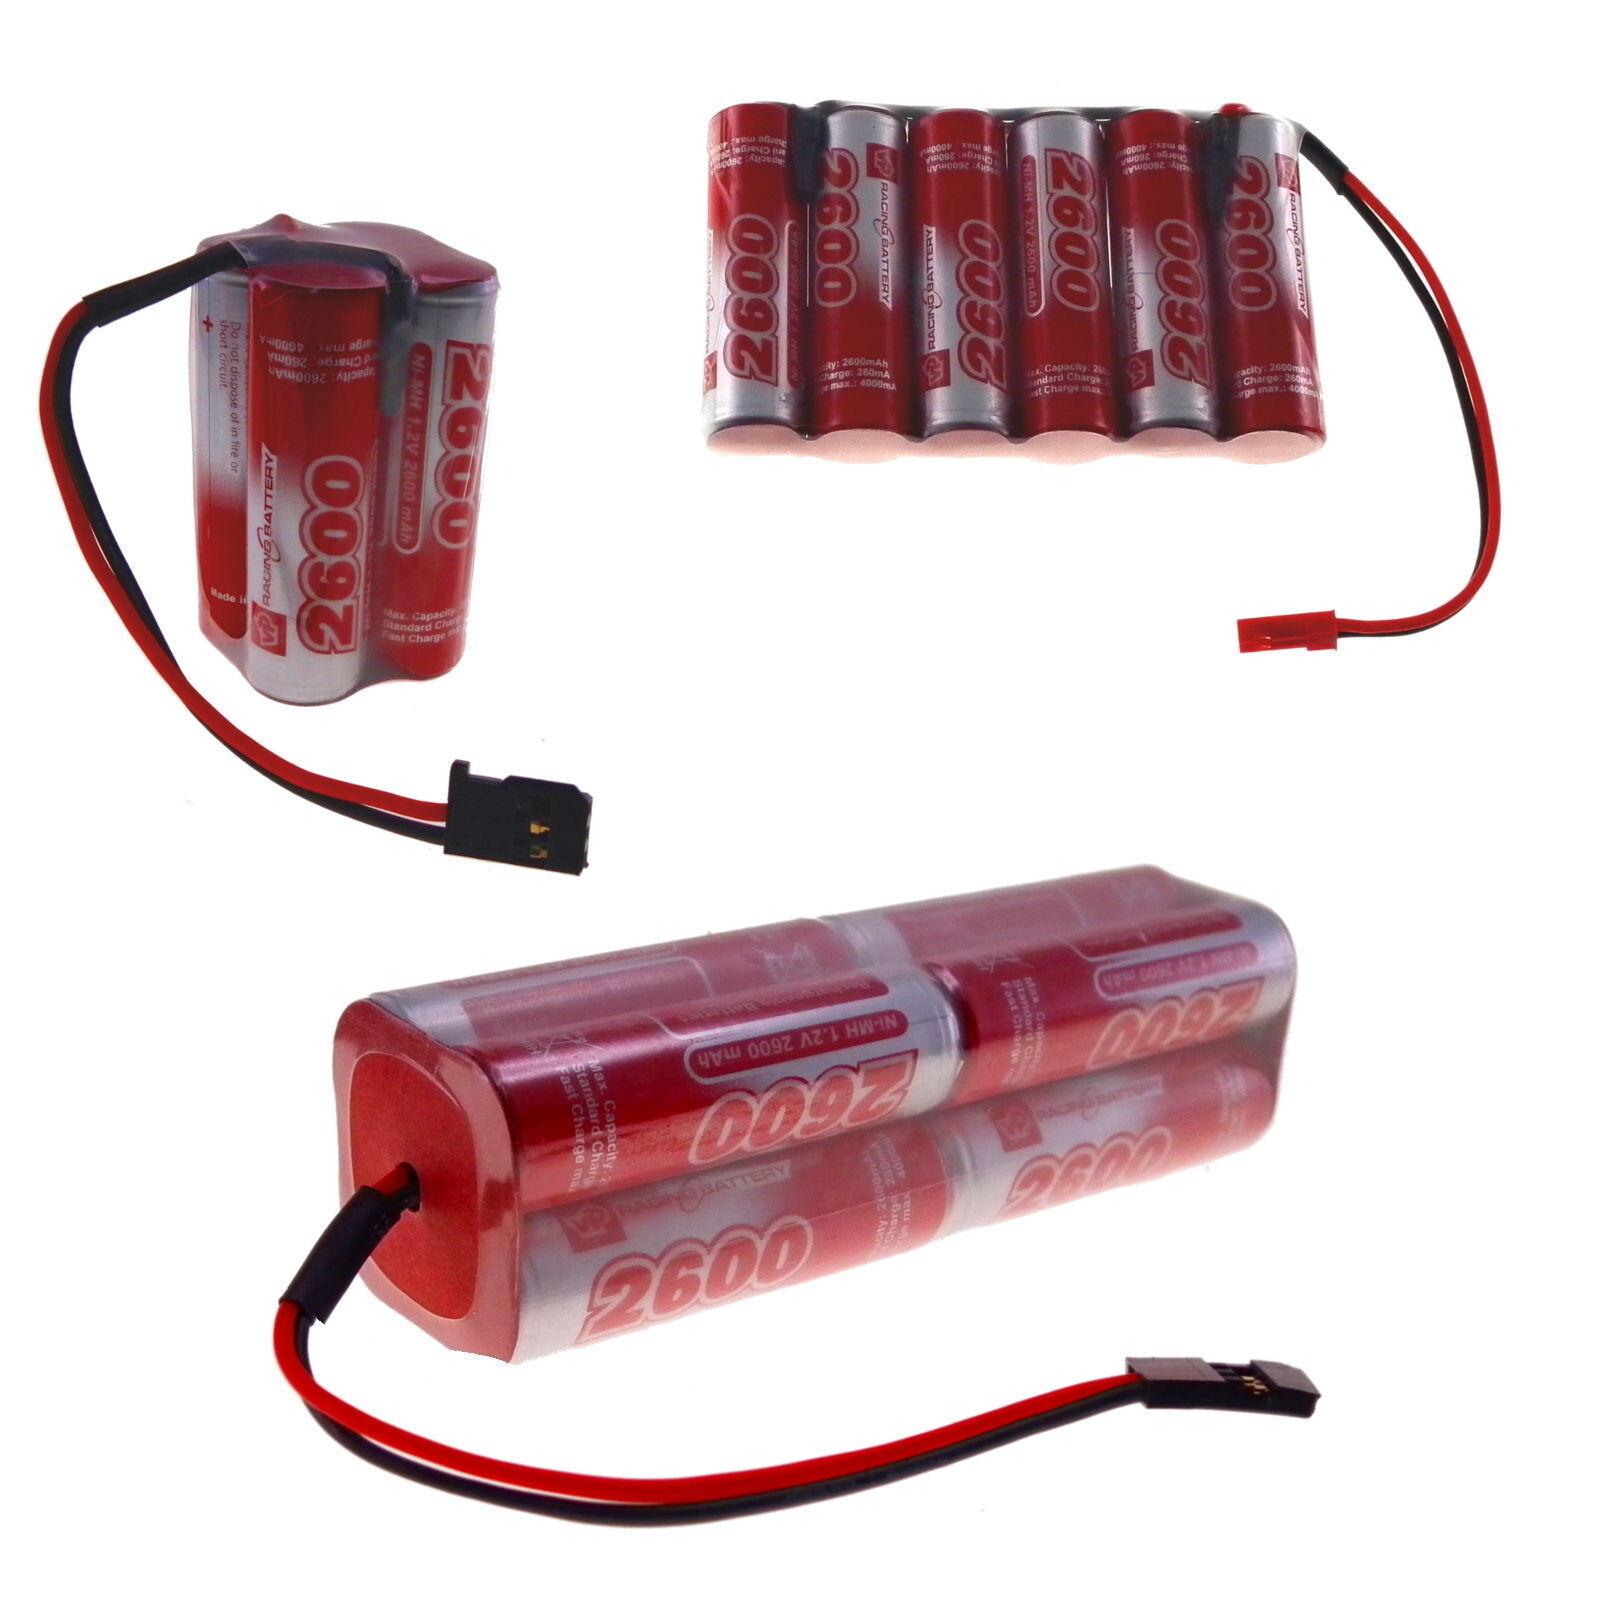 4.8v 6v 7.2v 9.6v 12v 14.4v 2600mAh VapexTech Rechargeable AA Ni-MH Battery Pack